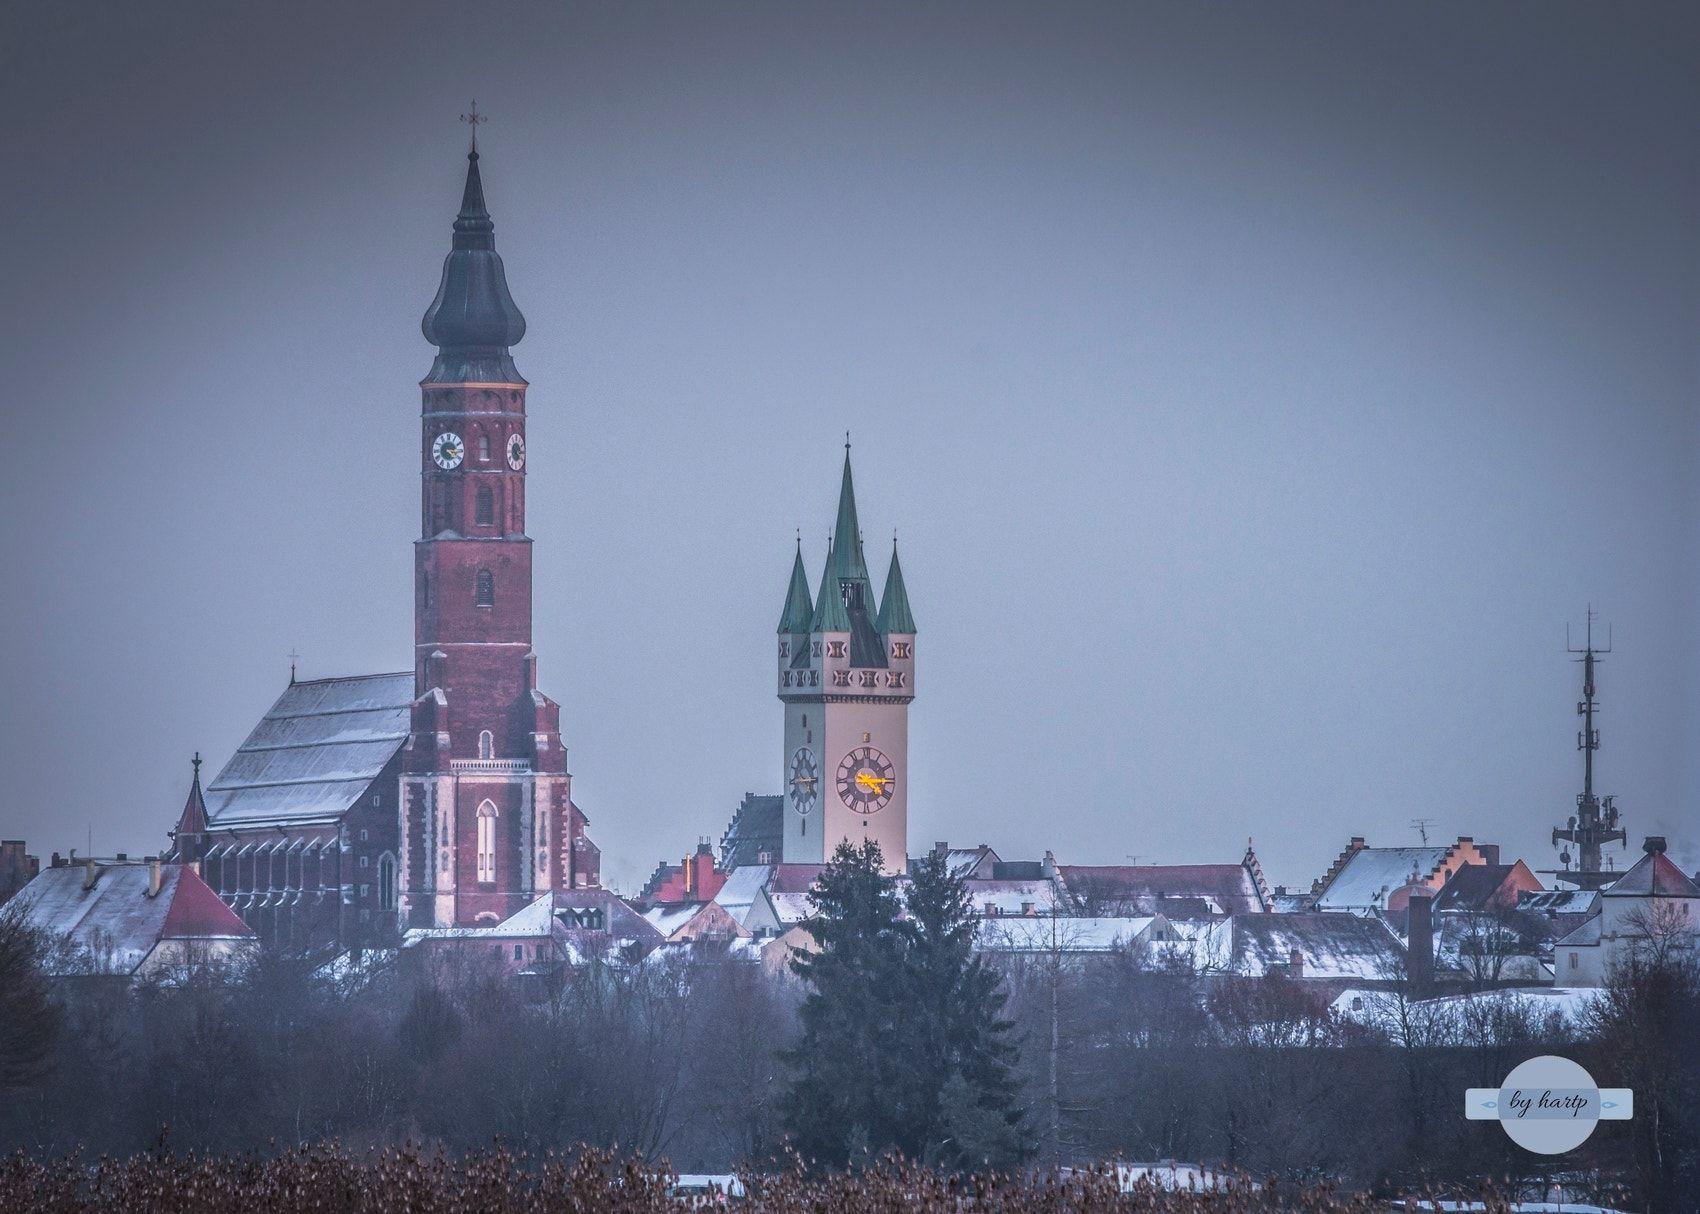 Verschneite Stadt Das Verschneite Straubing Mit Den Beiden Grossen Wahrzeichen The Snow Covered Straubing With The Two Major Landmarks Stadt Deutschland